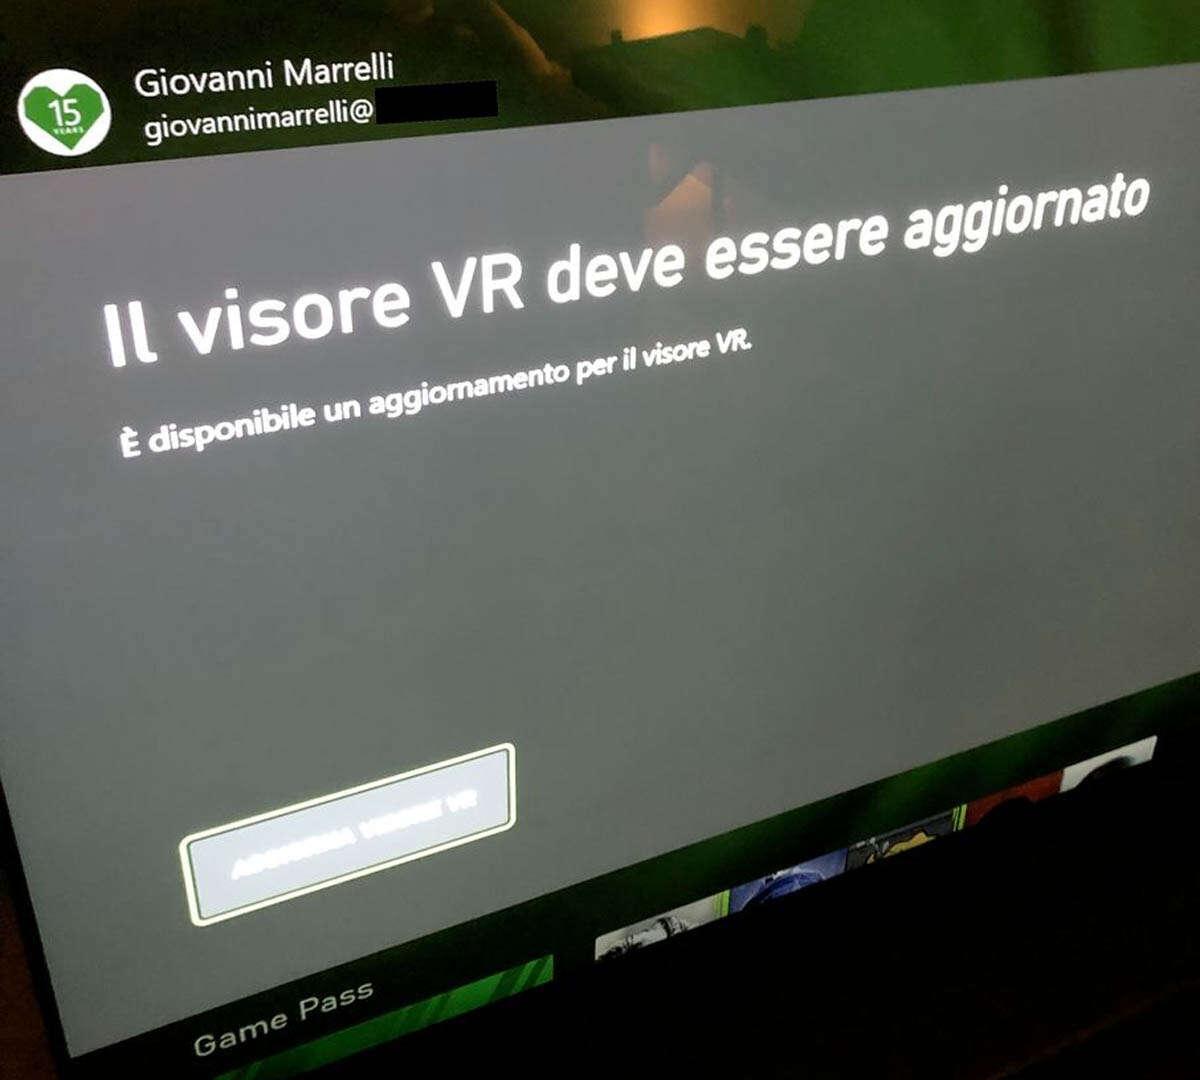 Xbox VR? Zaskakujący komunikat w systemie konsoli